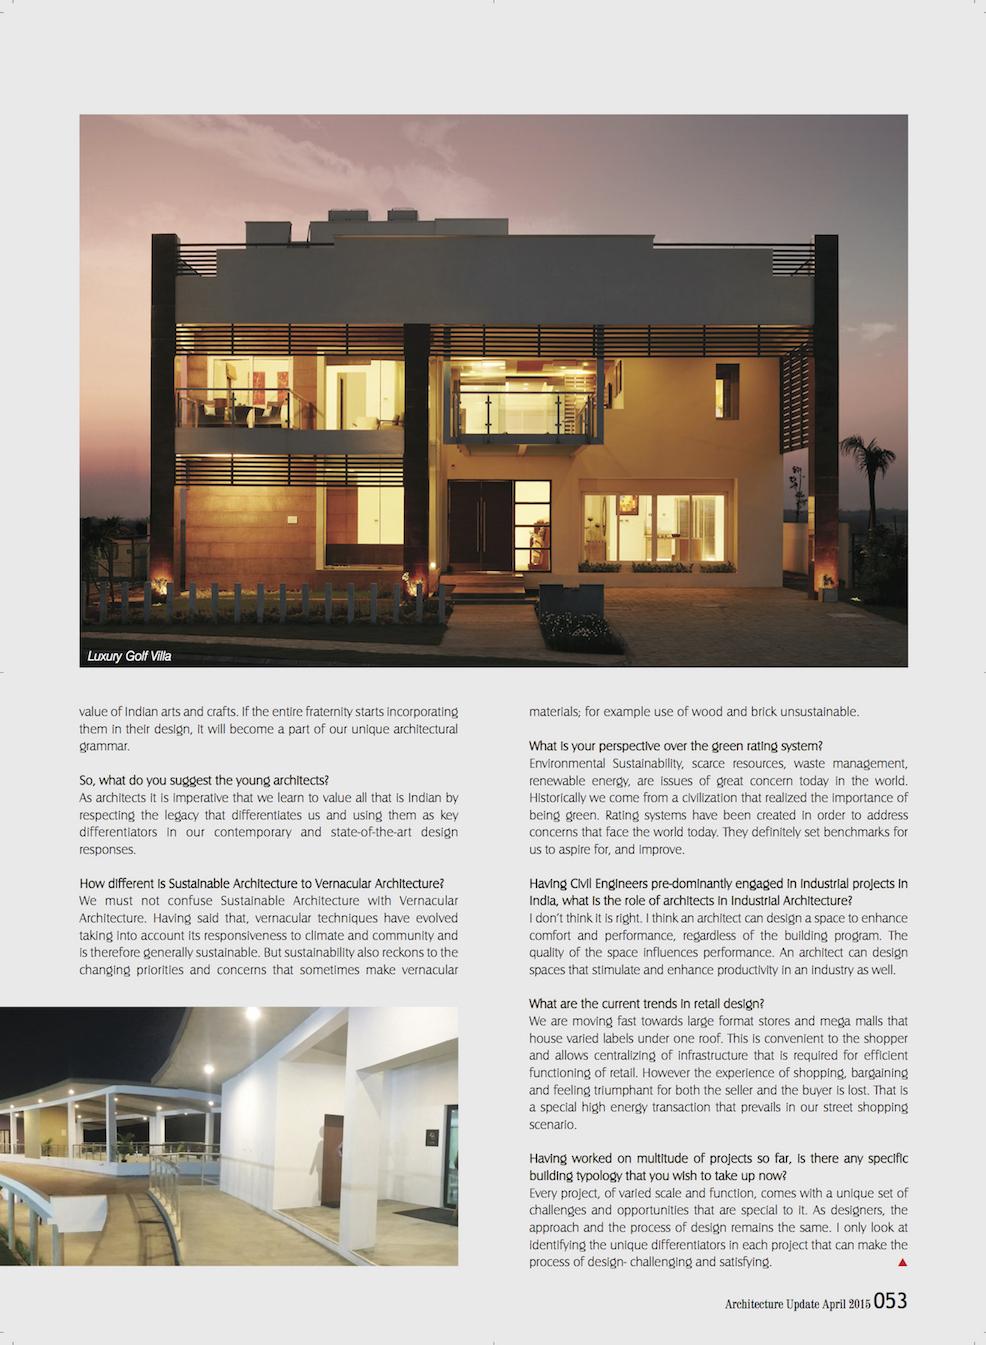 Architecture Update Magazine - Sheila Sri Prakash